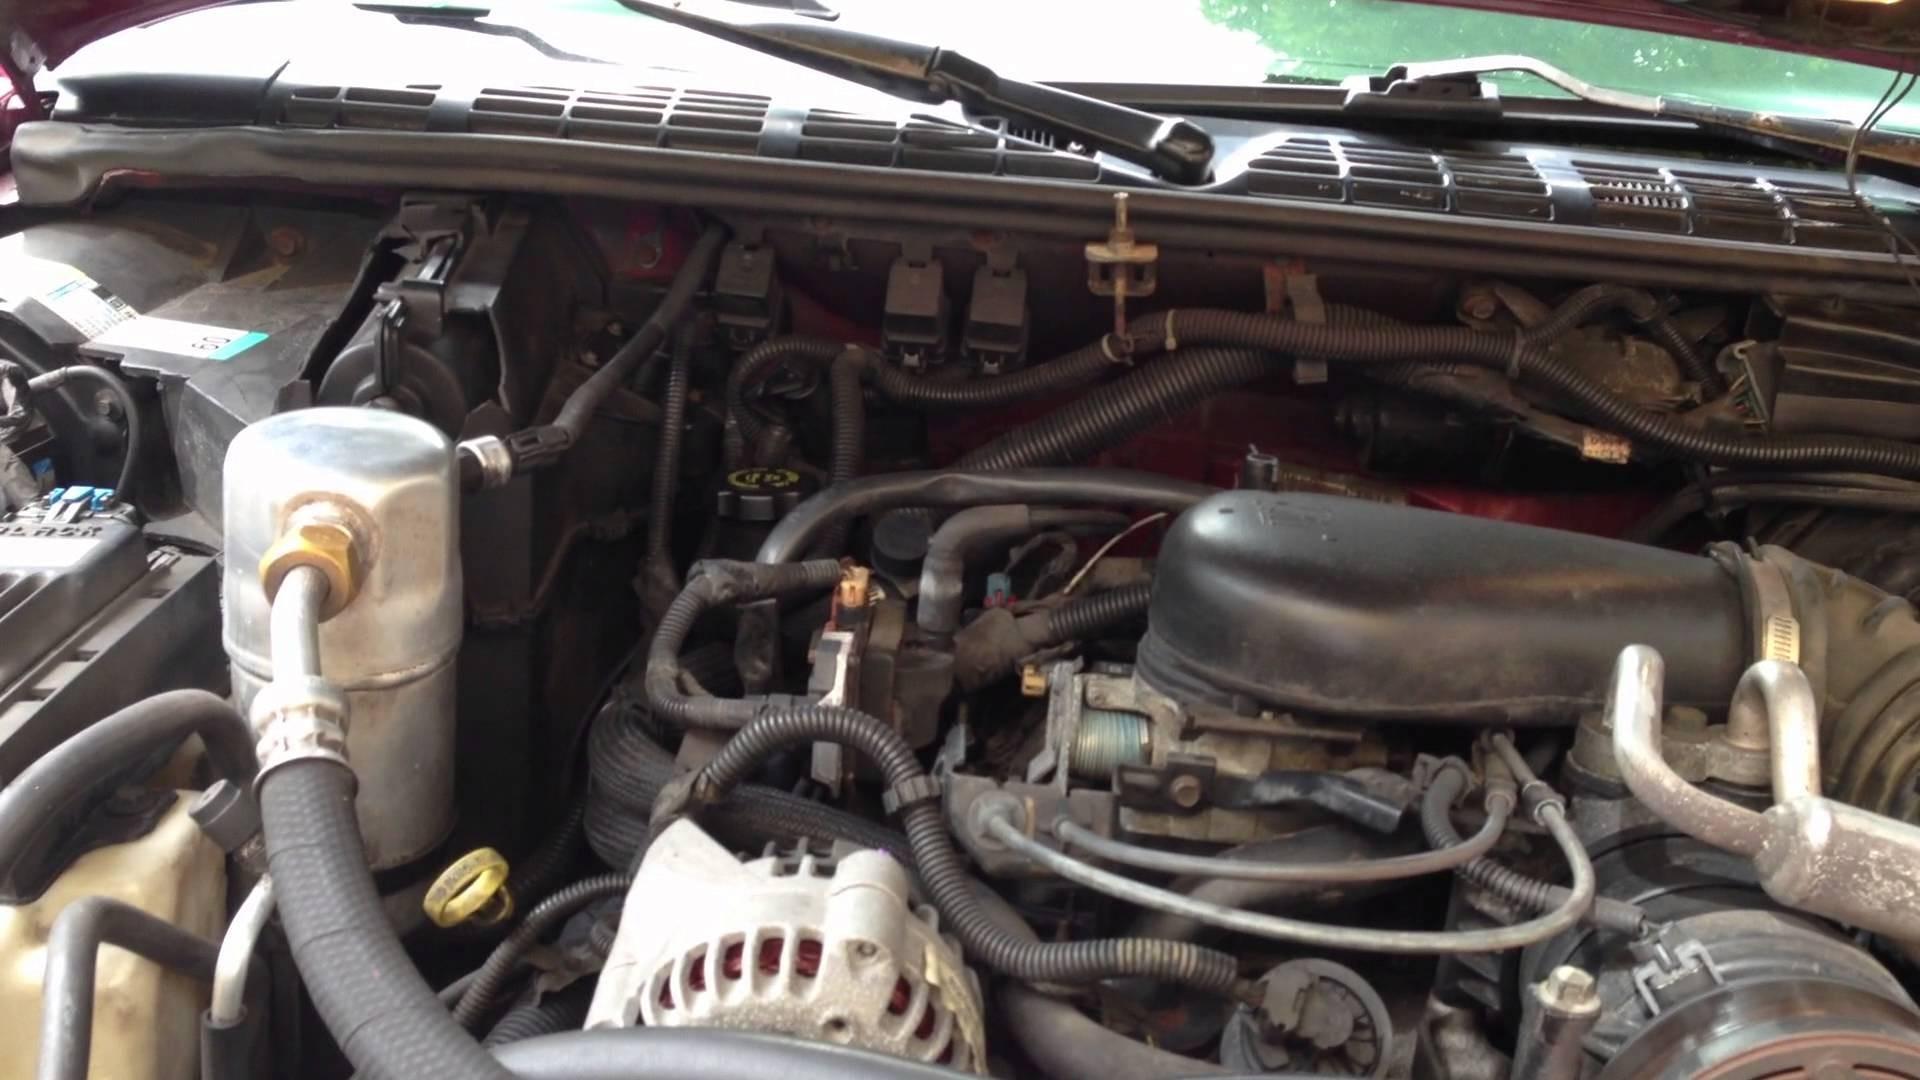 2003 Chevy Blazer Engine Diagram 1997 Chevy Blazer Fuel Gauge issue Fuel Gauge Buffer Module Of 2003 Chevy Blazer Engine Diagram